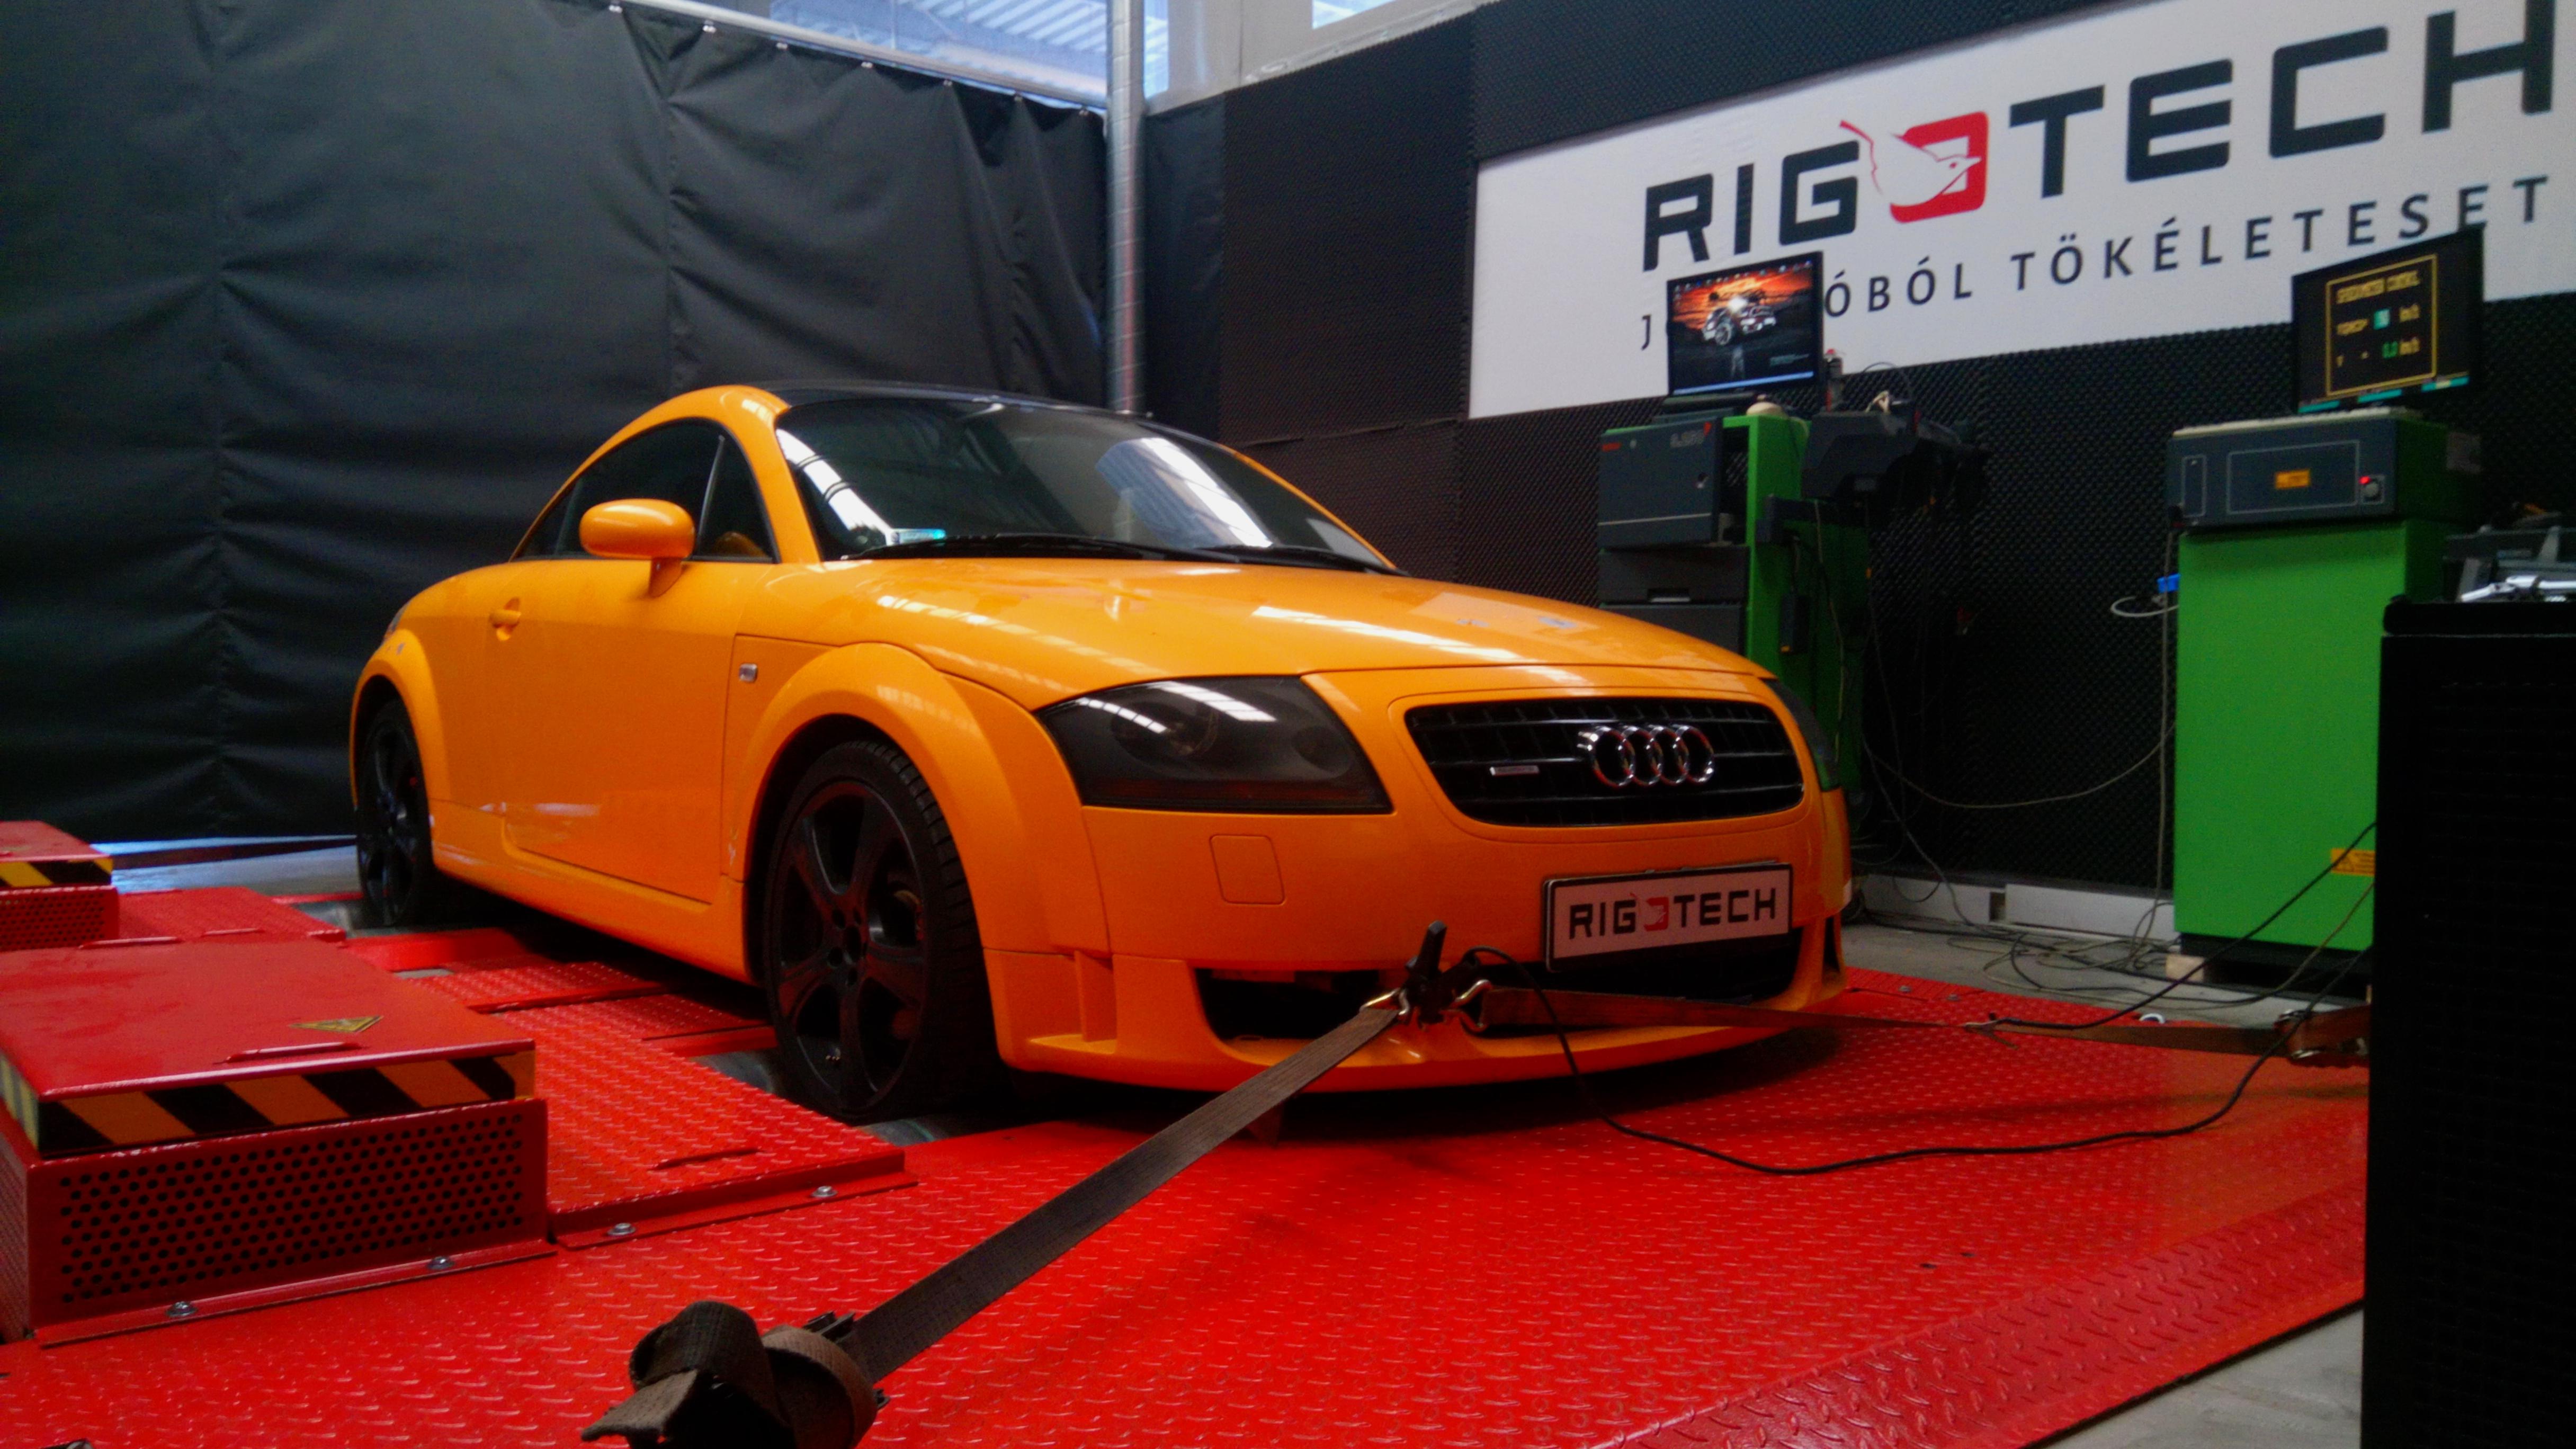 Audi-18t-tsi-chiptuning-tfsi